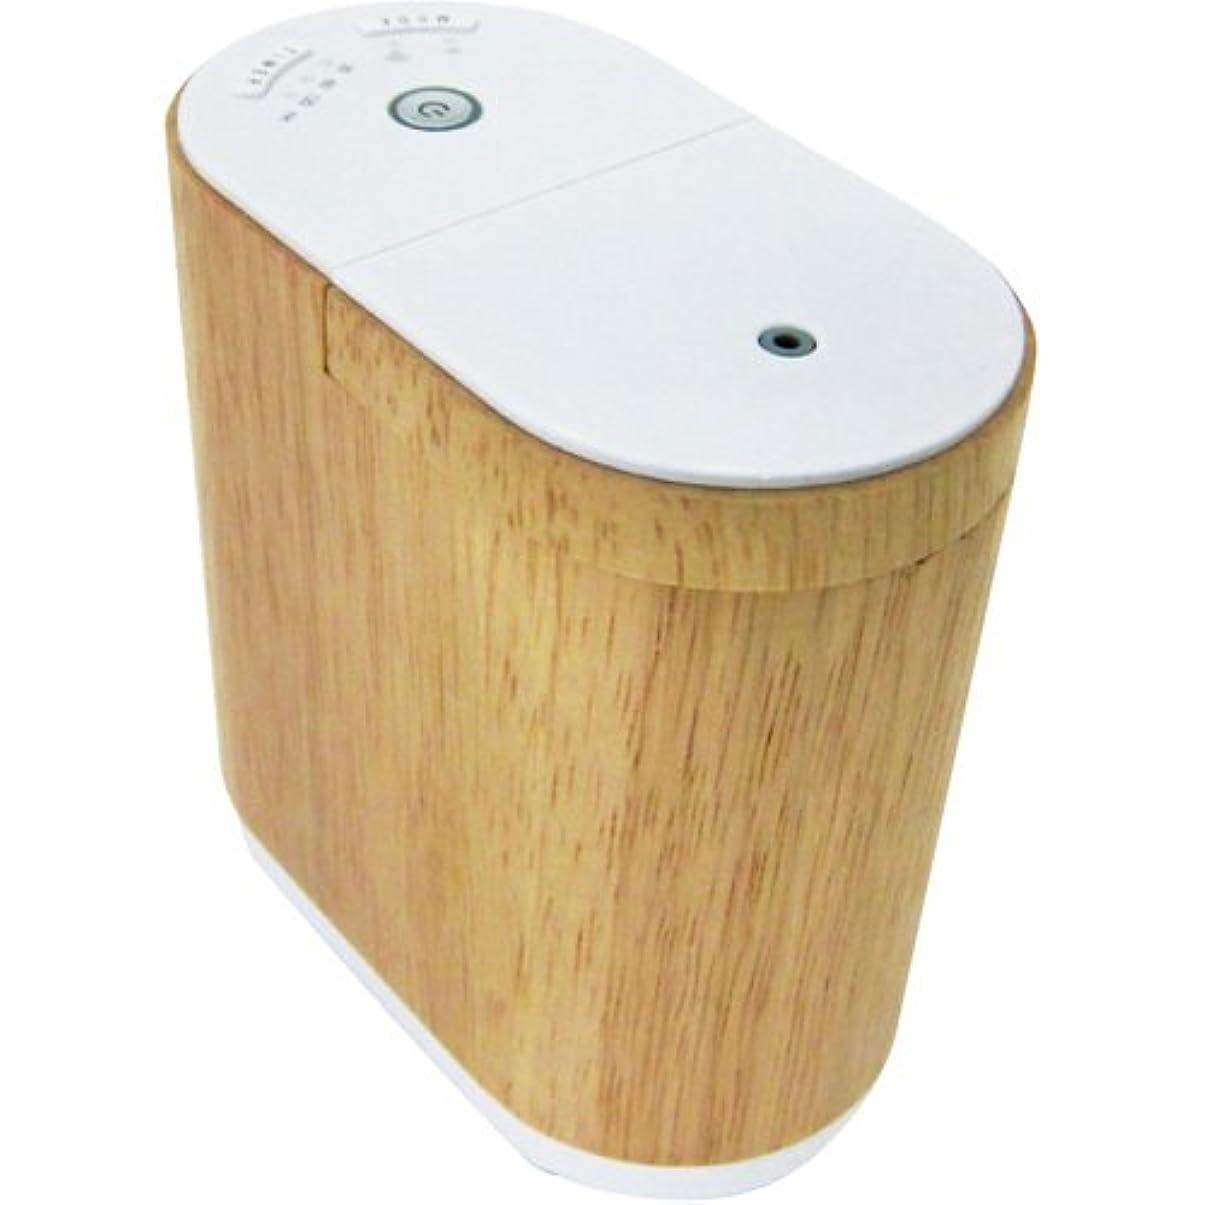 有名な人気中級生活の木 アロマディフューザー(ウッド)エッセンシャルオイルディフューザー aromore(アロモア) 08-801-6010